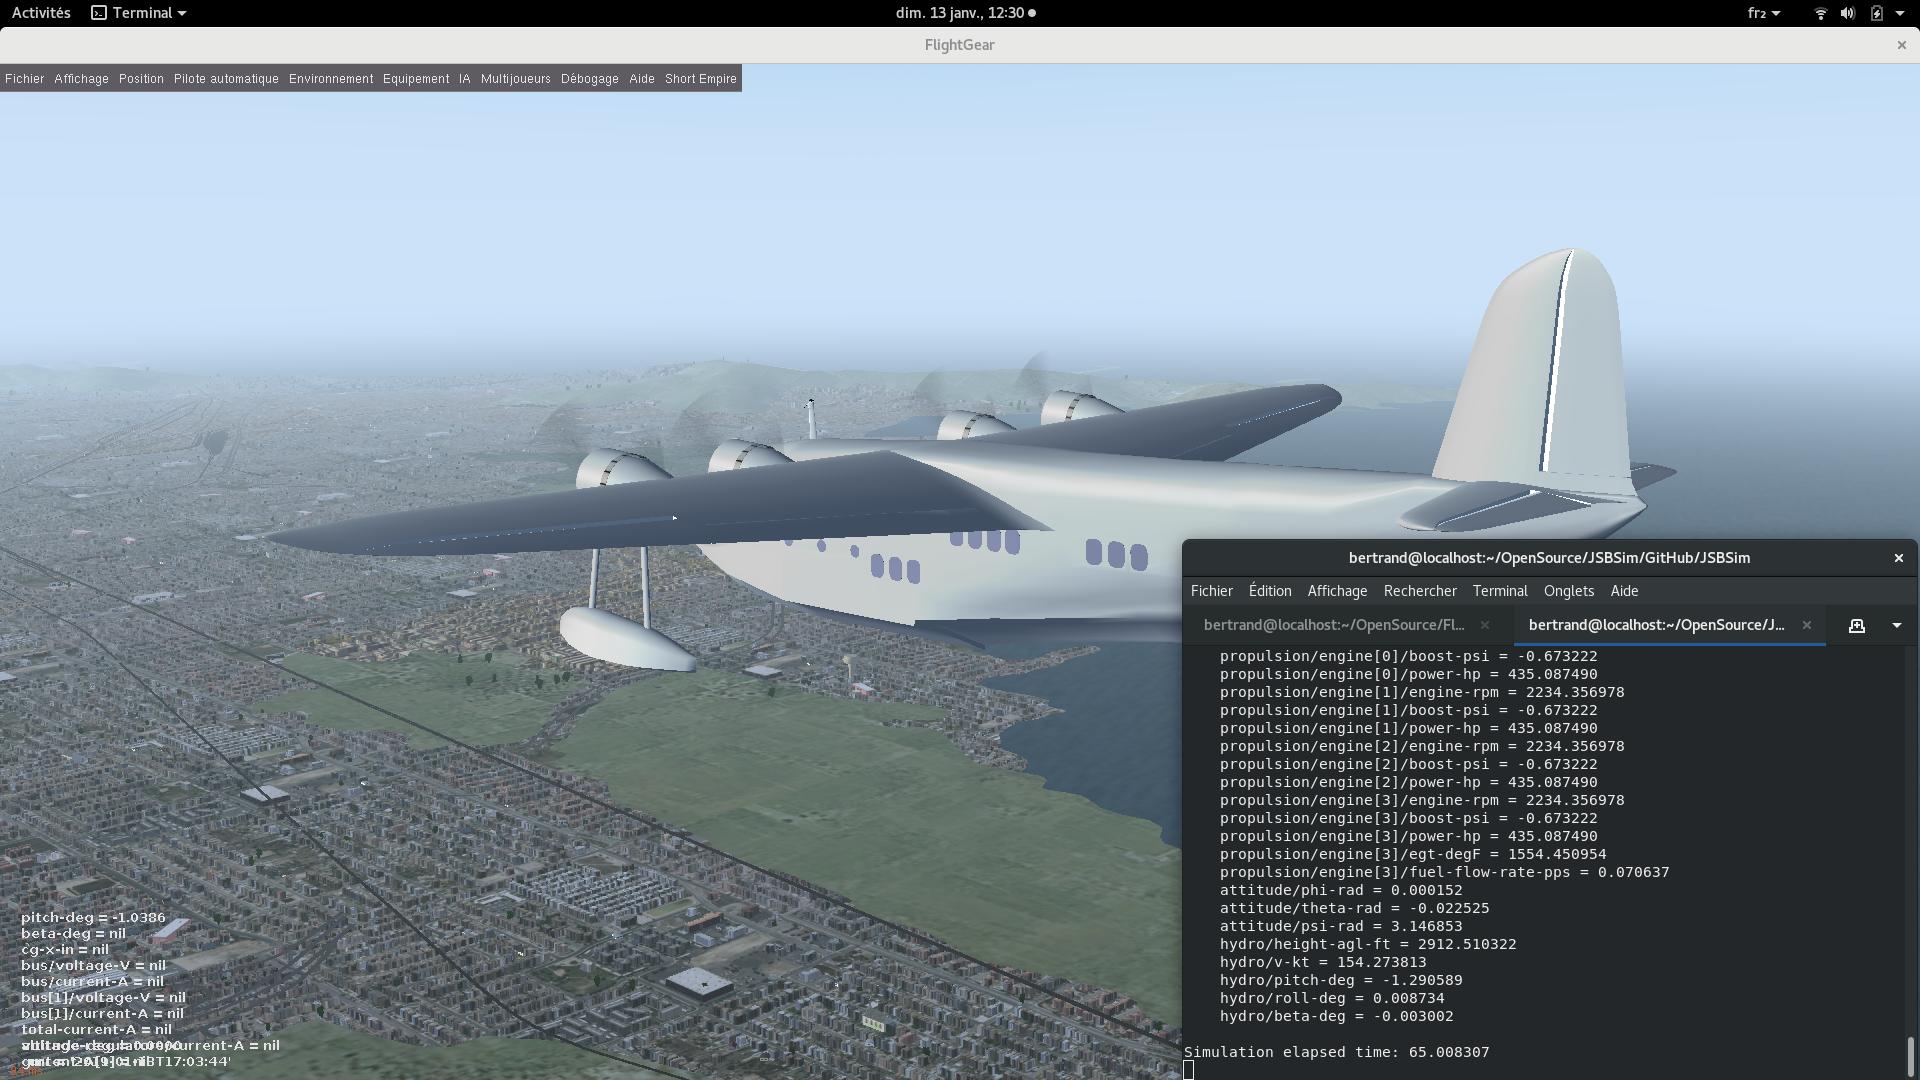 FlightGear/JSBSim interface running